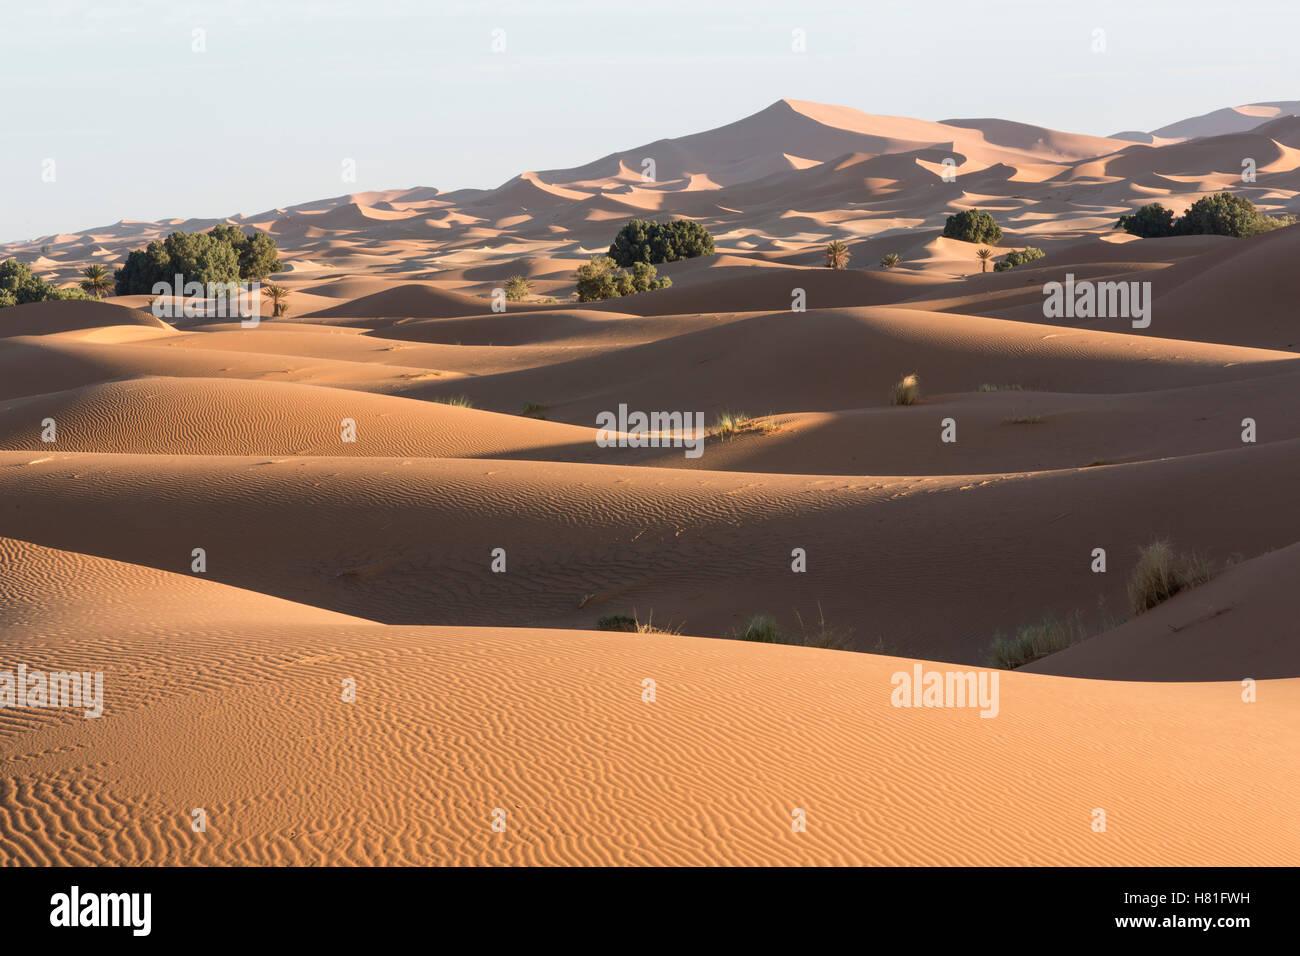 Le Maroc, l'Erg Chebbi, dunes de sable dans le désert du Sahara, près de Merzouga Photo Stock